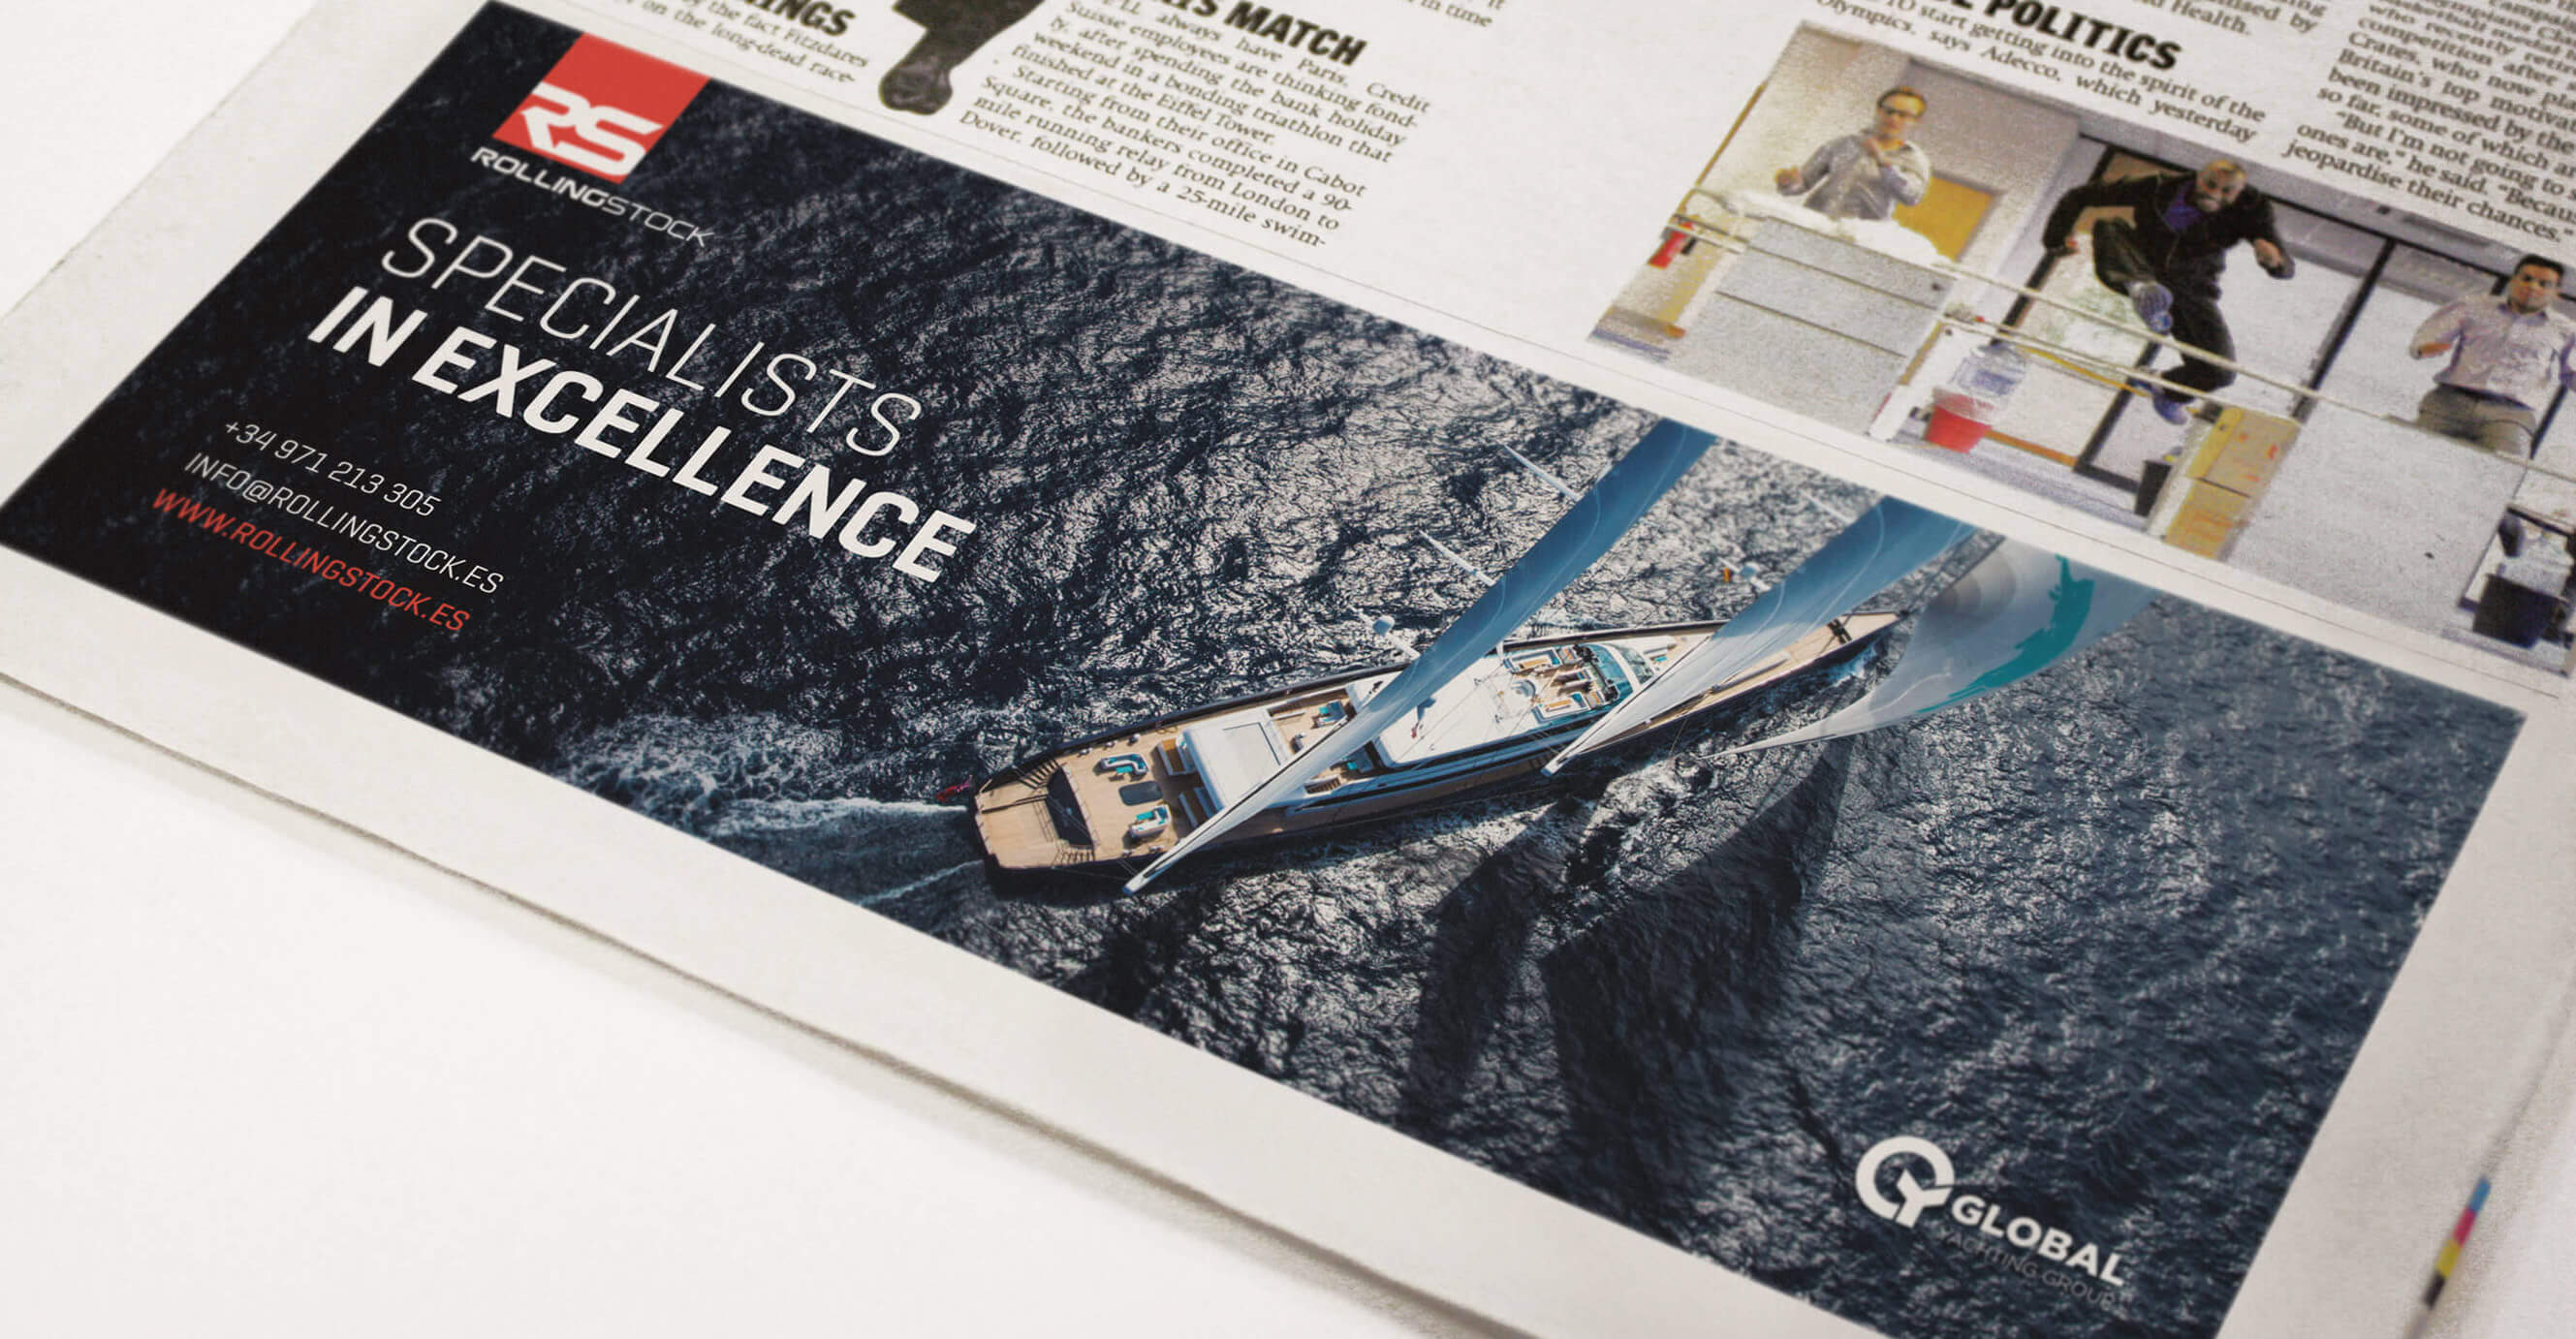 Global Yachting Group